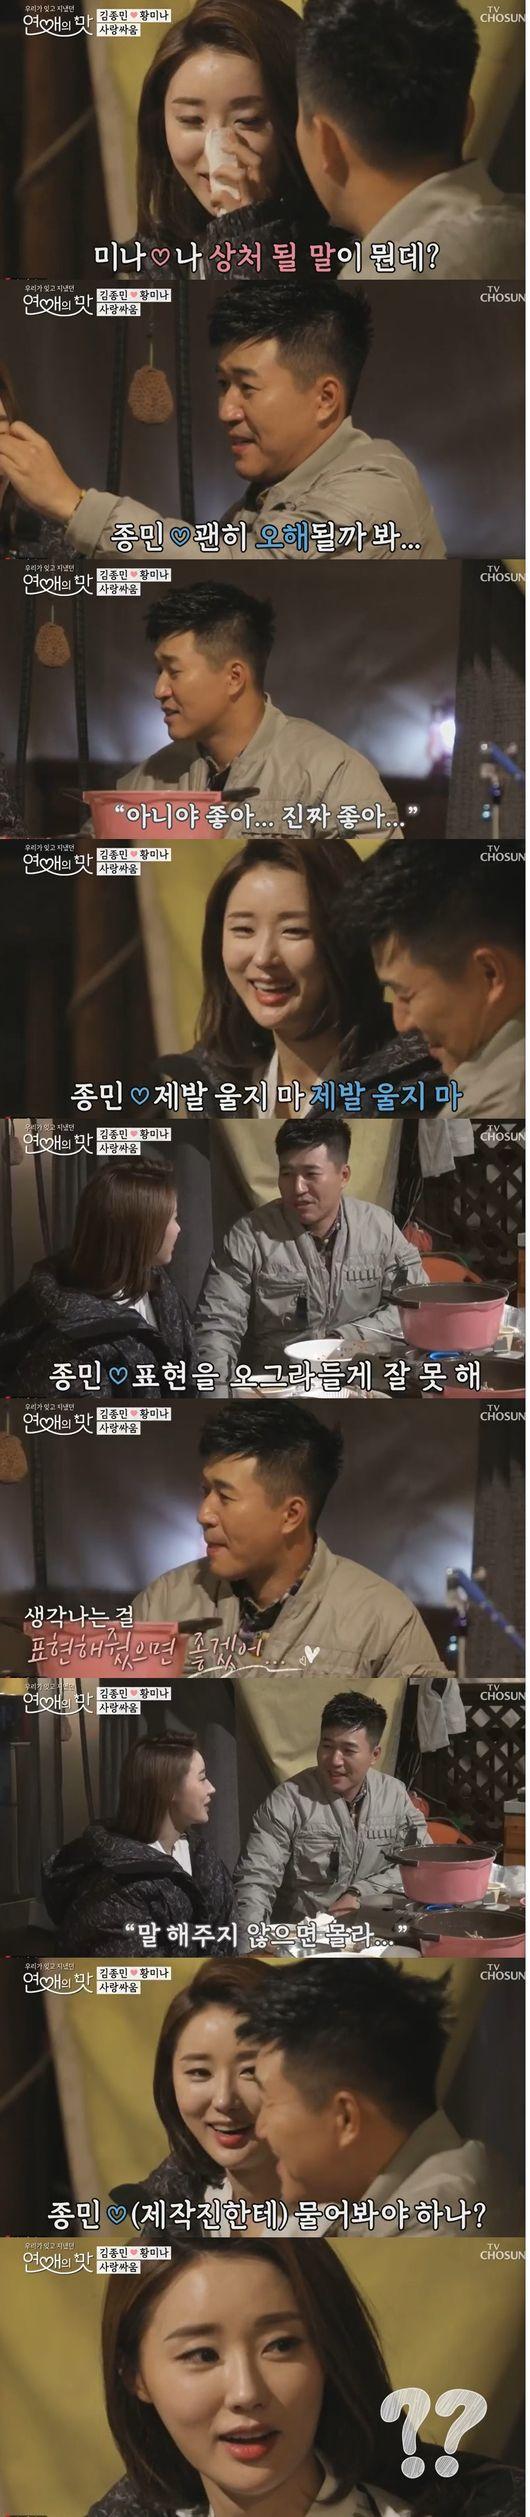 """""""공개연애 꼬리표""""'연애의맛' 김종민, ♥황미나 향한 '진심'[Oh!쎈 리뷰]"""